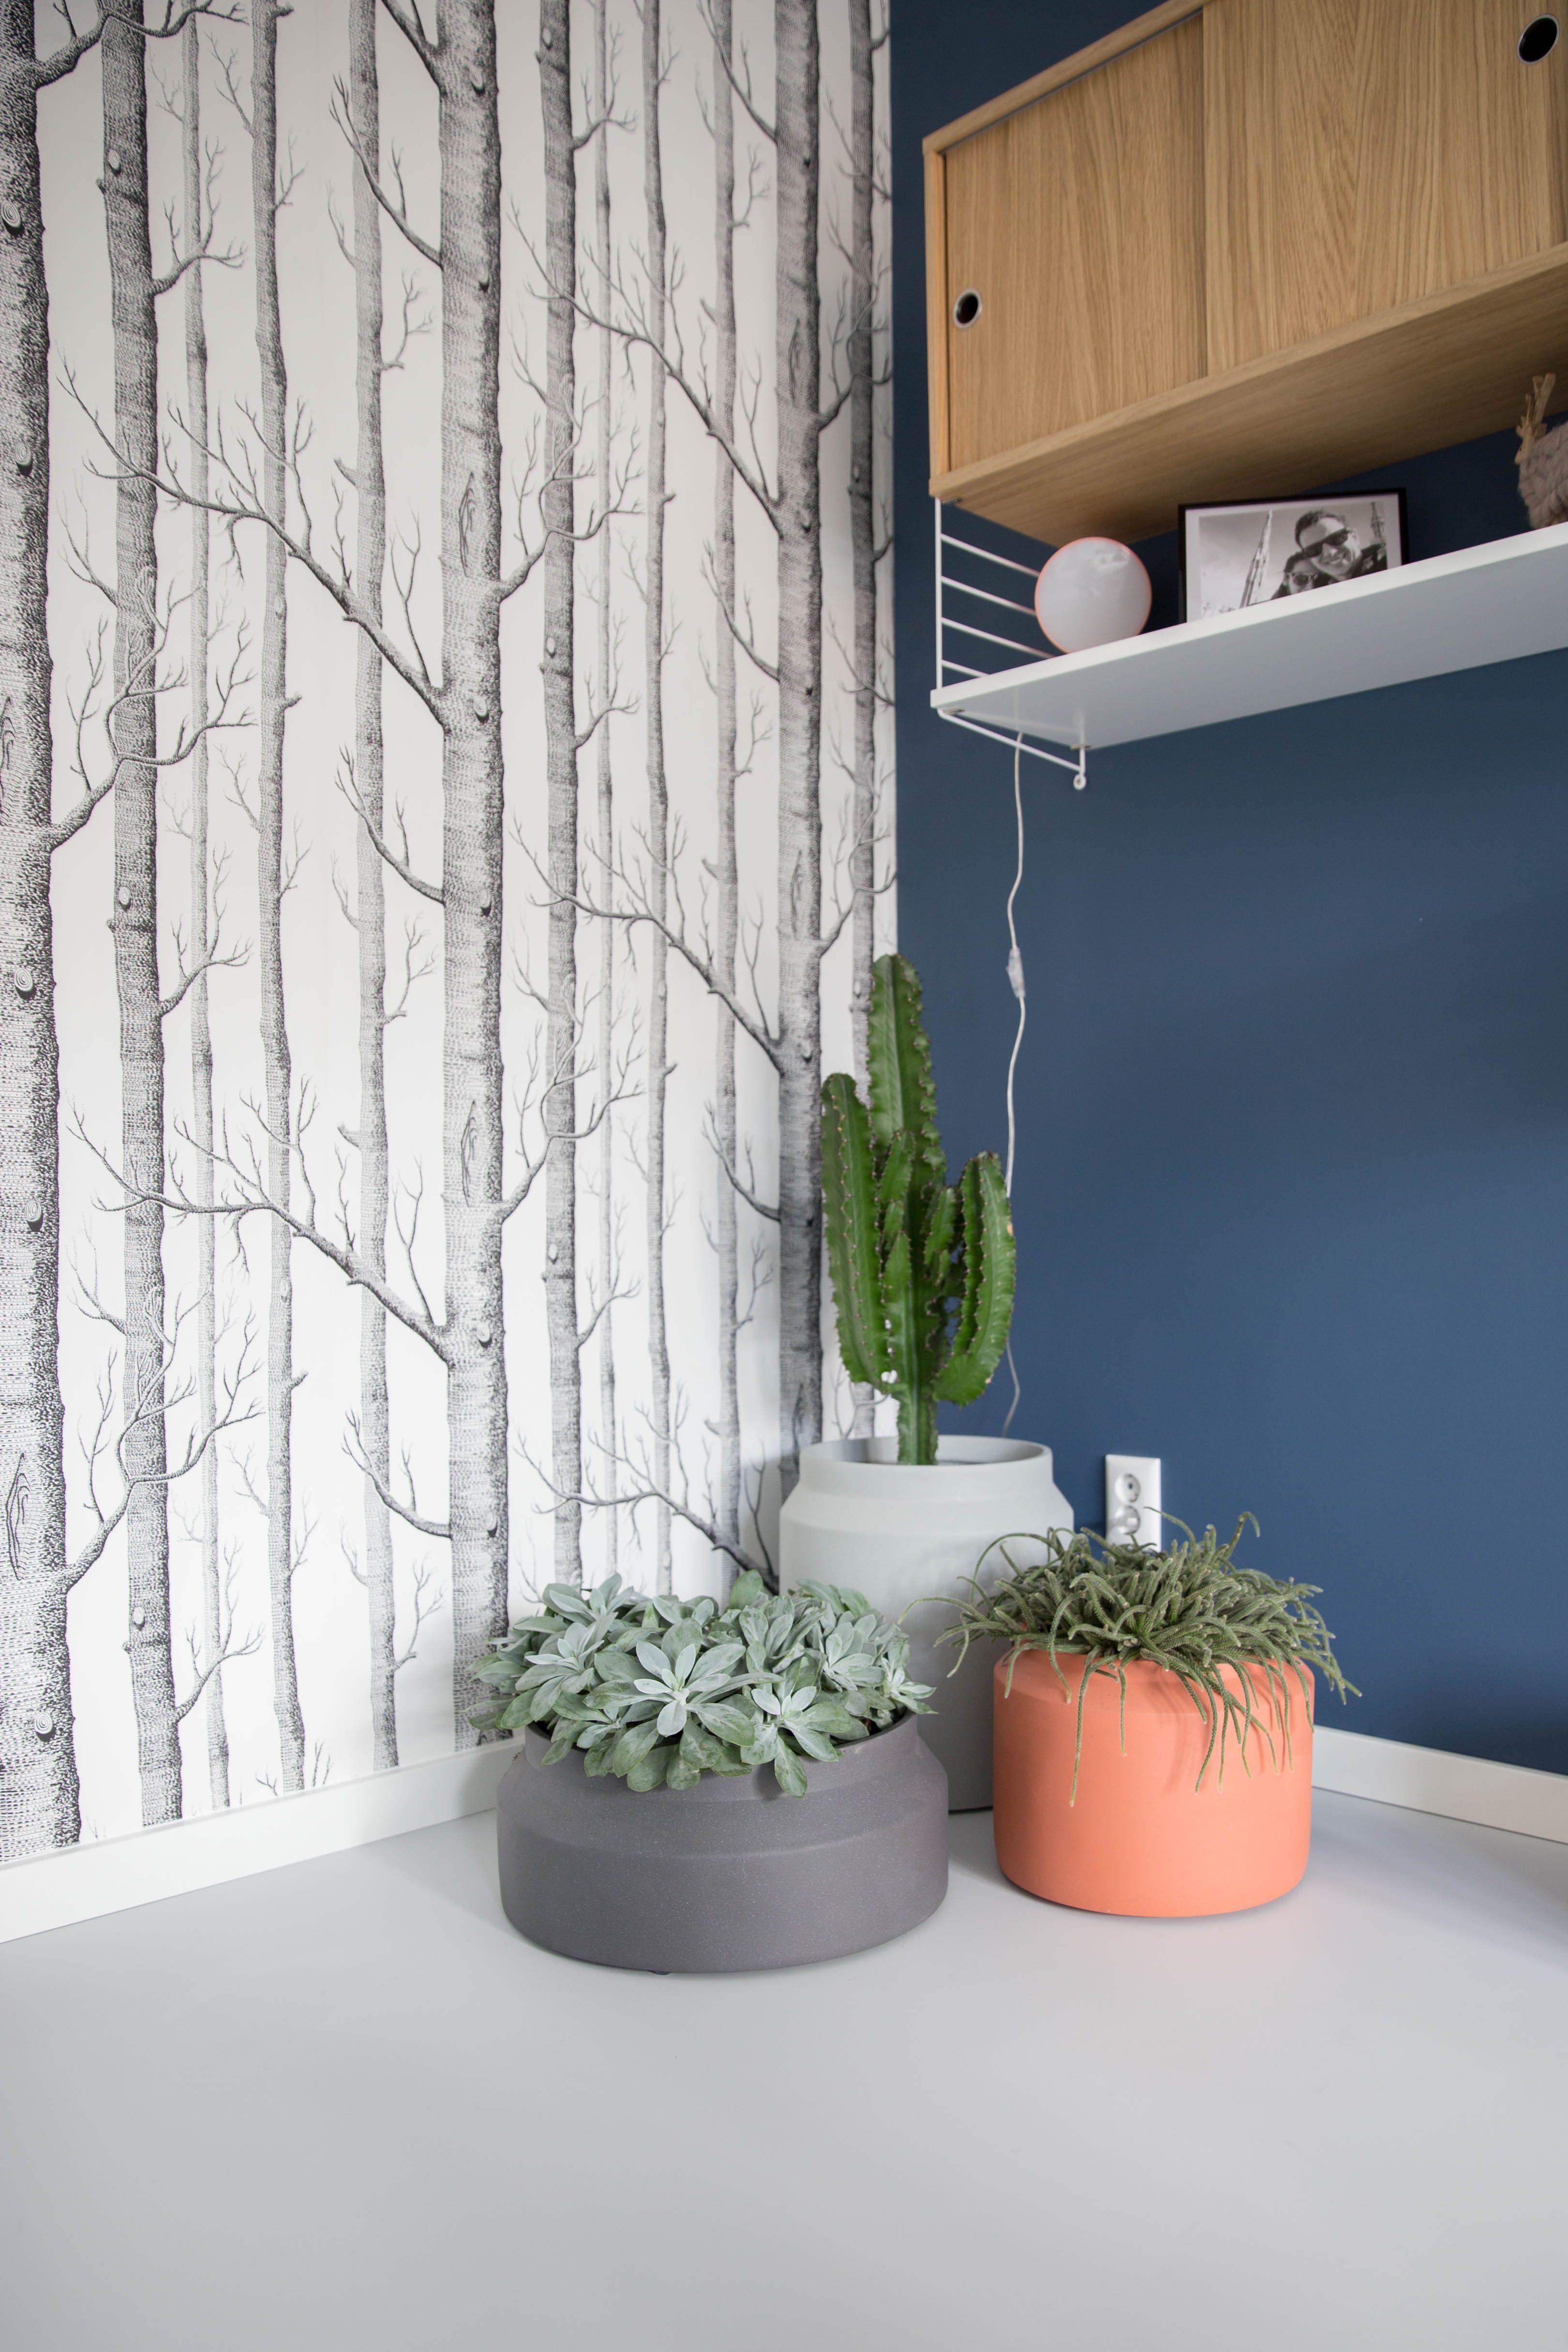 868 336 Exterior Home Design Ideas Remodel Pictures: Femkeido Projects: Nieuwbouw Zoetermeer #Rugs&Flooring